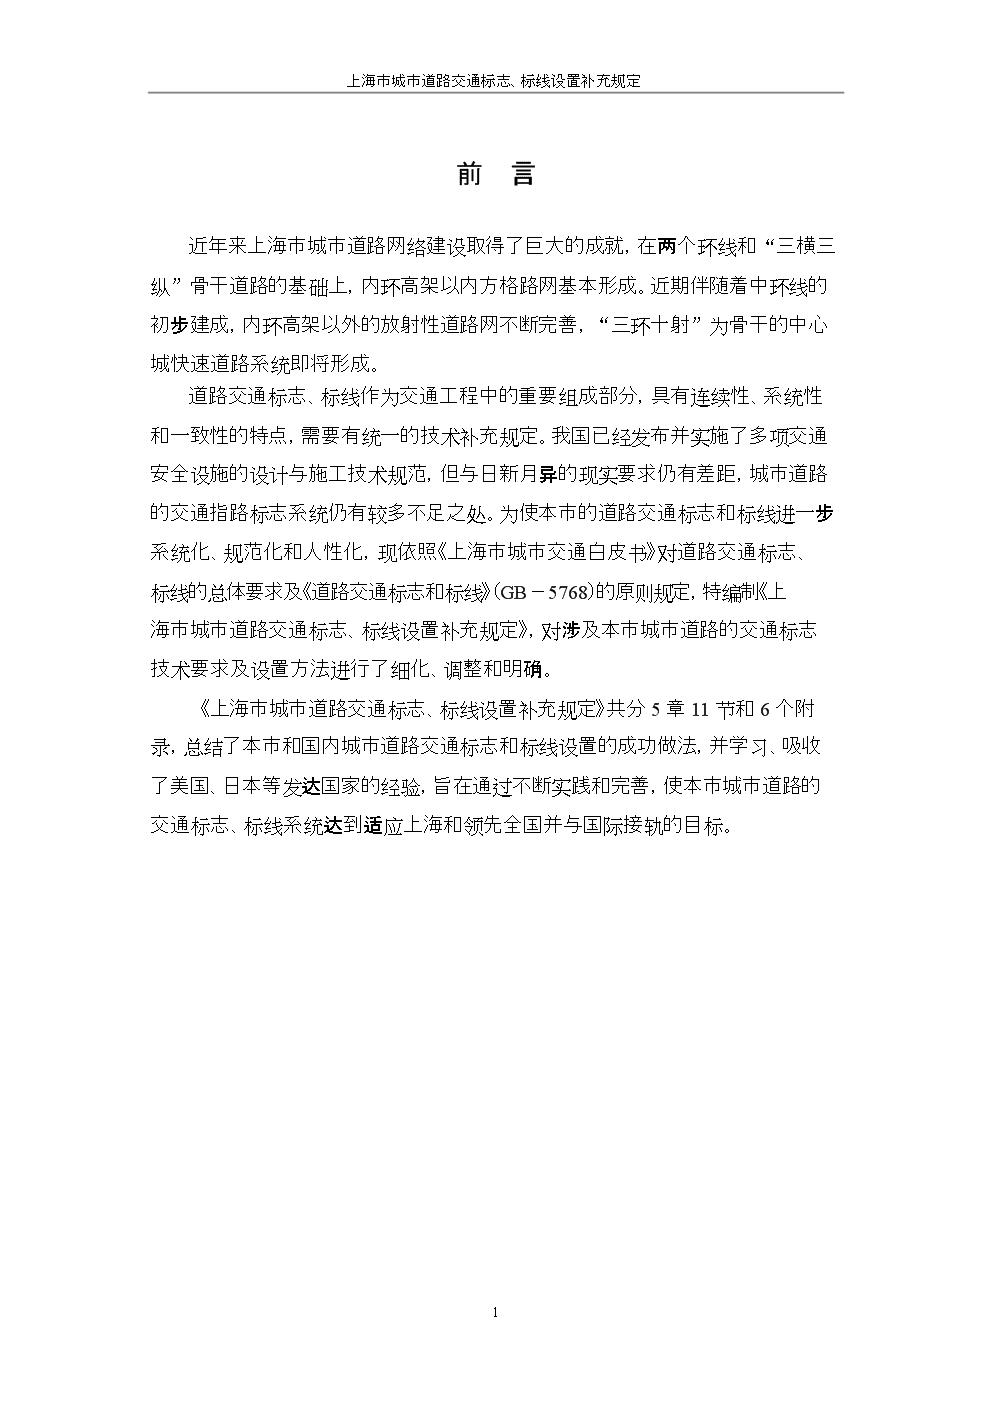 上海市城市道路交通标志标线设置补充规定.doc